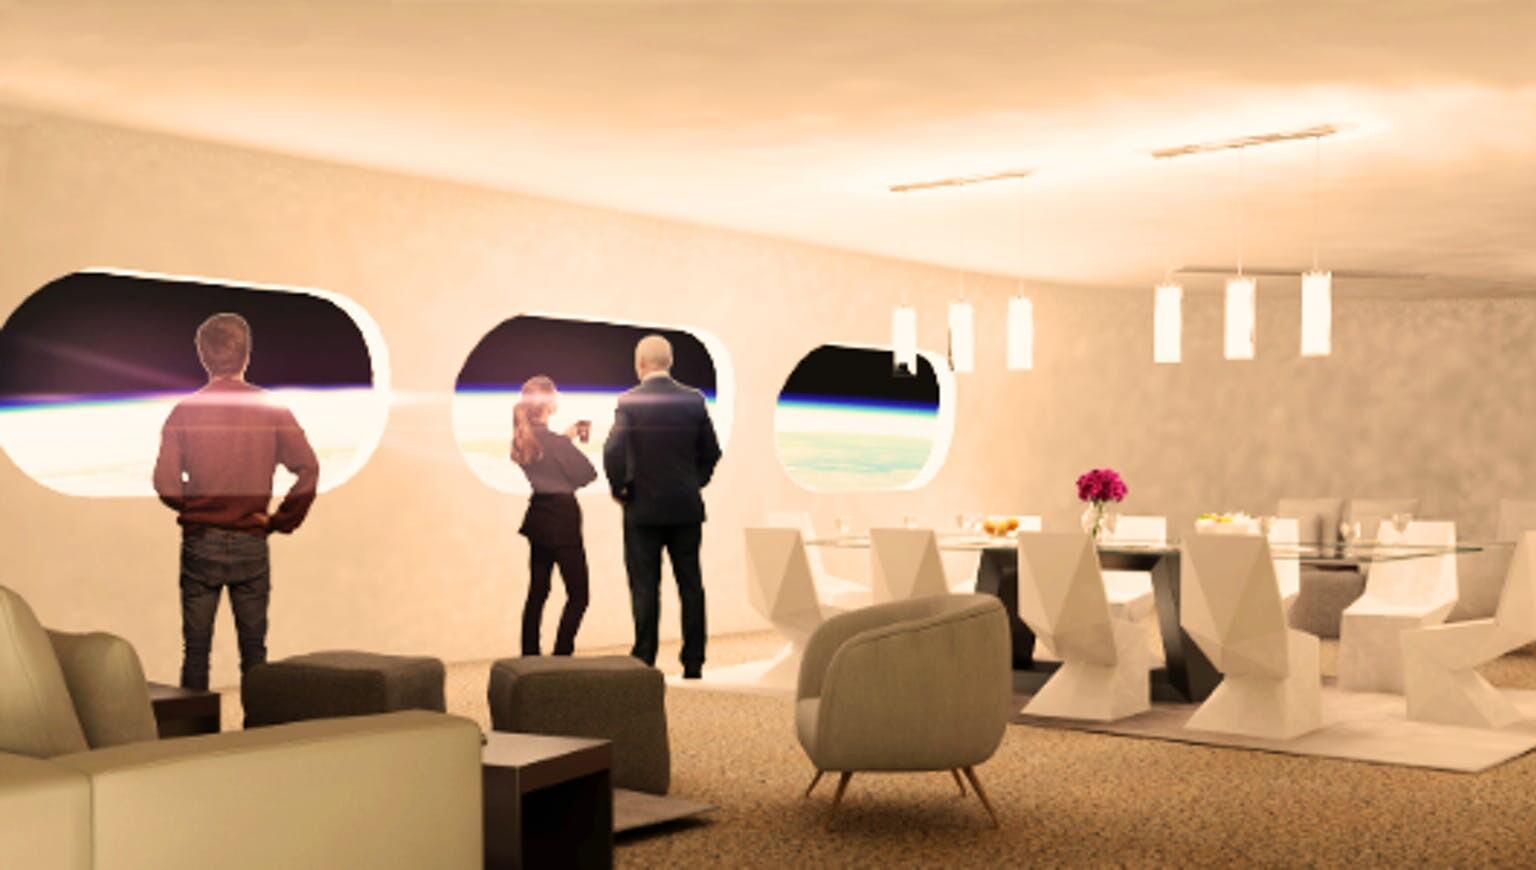 voyager-station-primer-hotel-espacial-de-lujo-2-alt